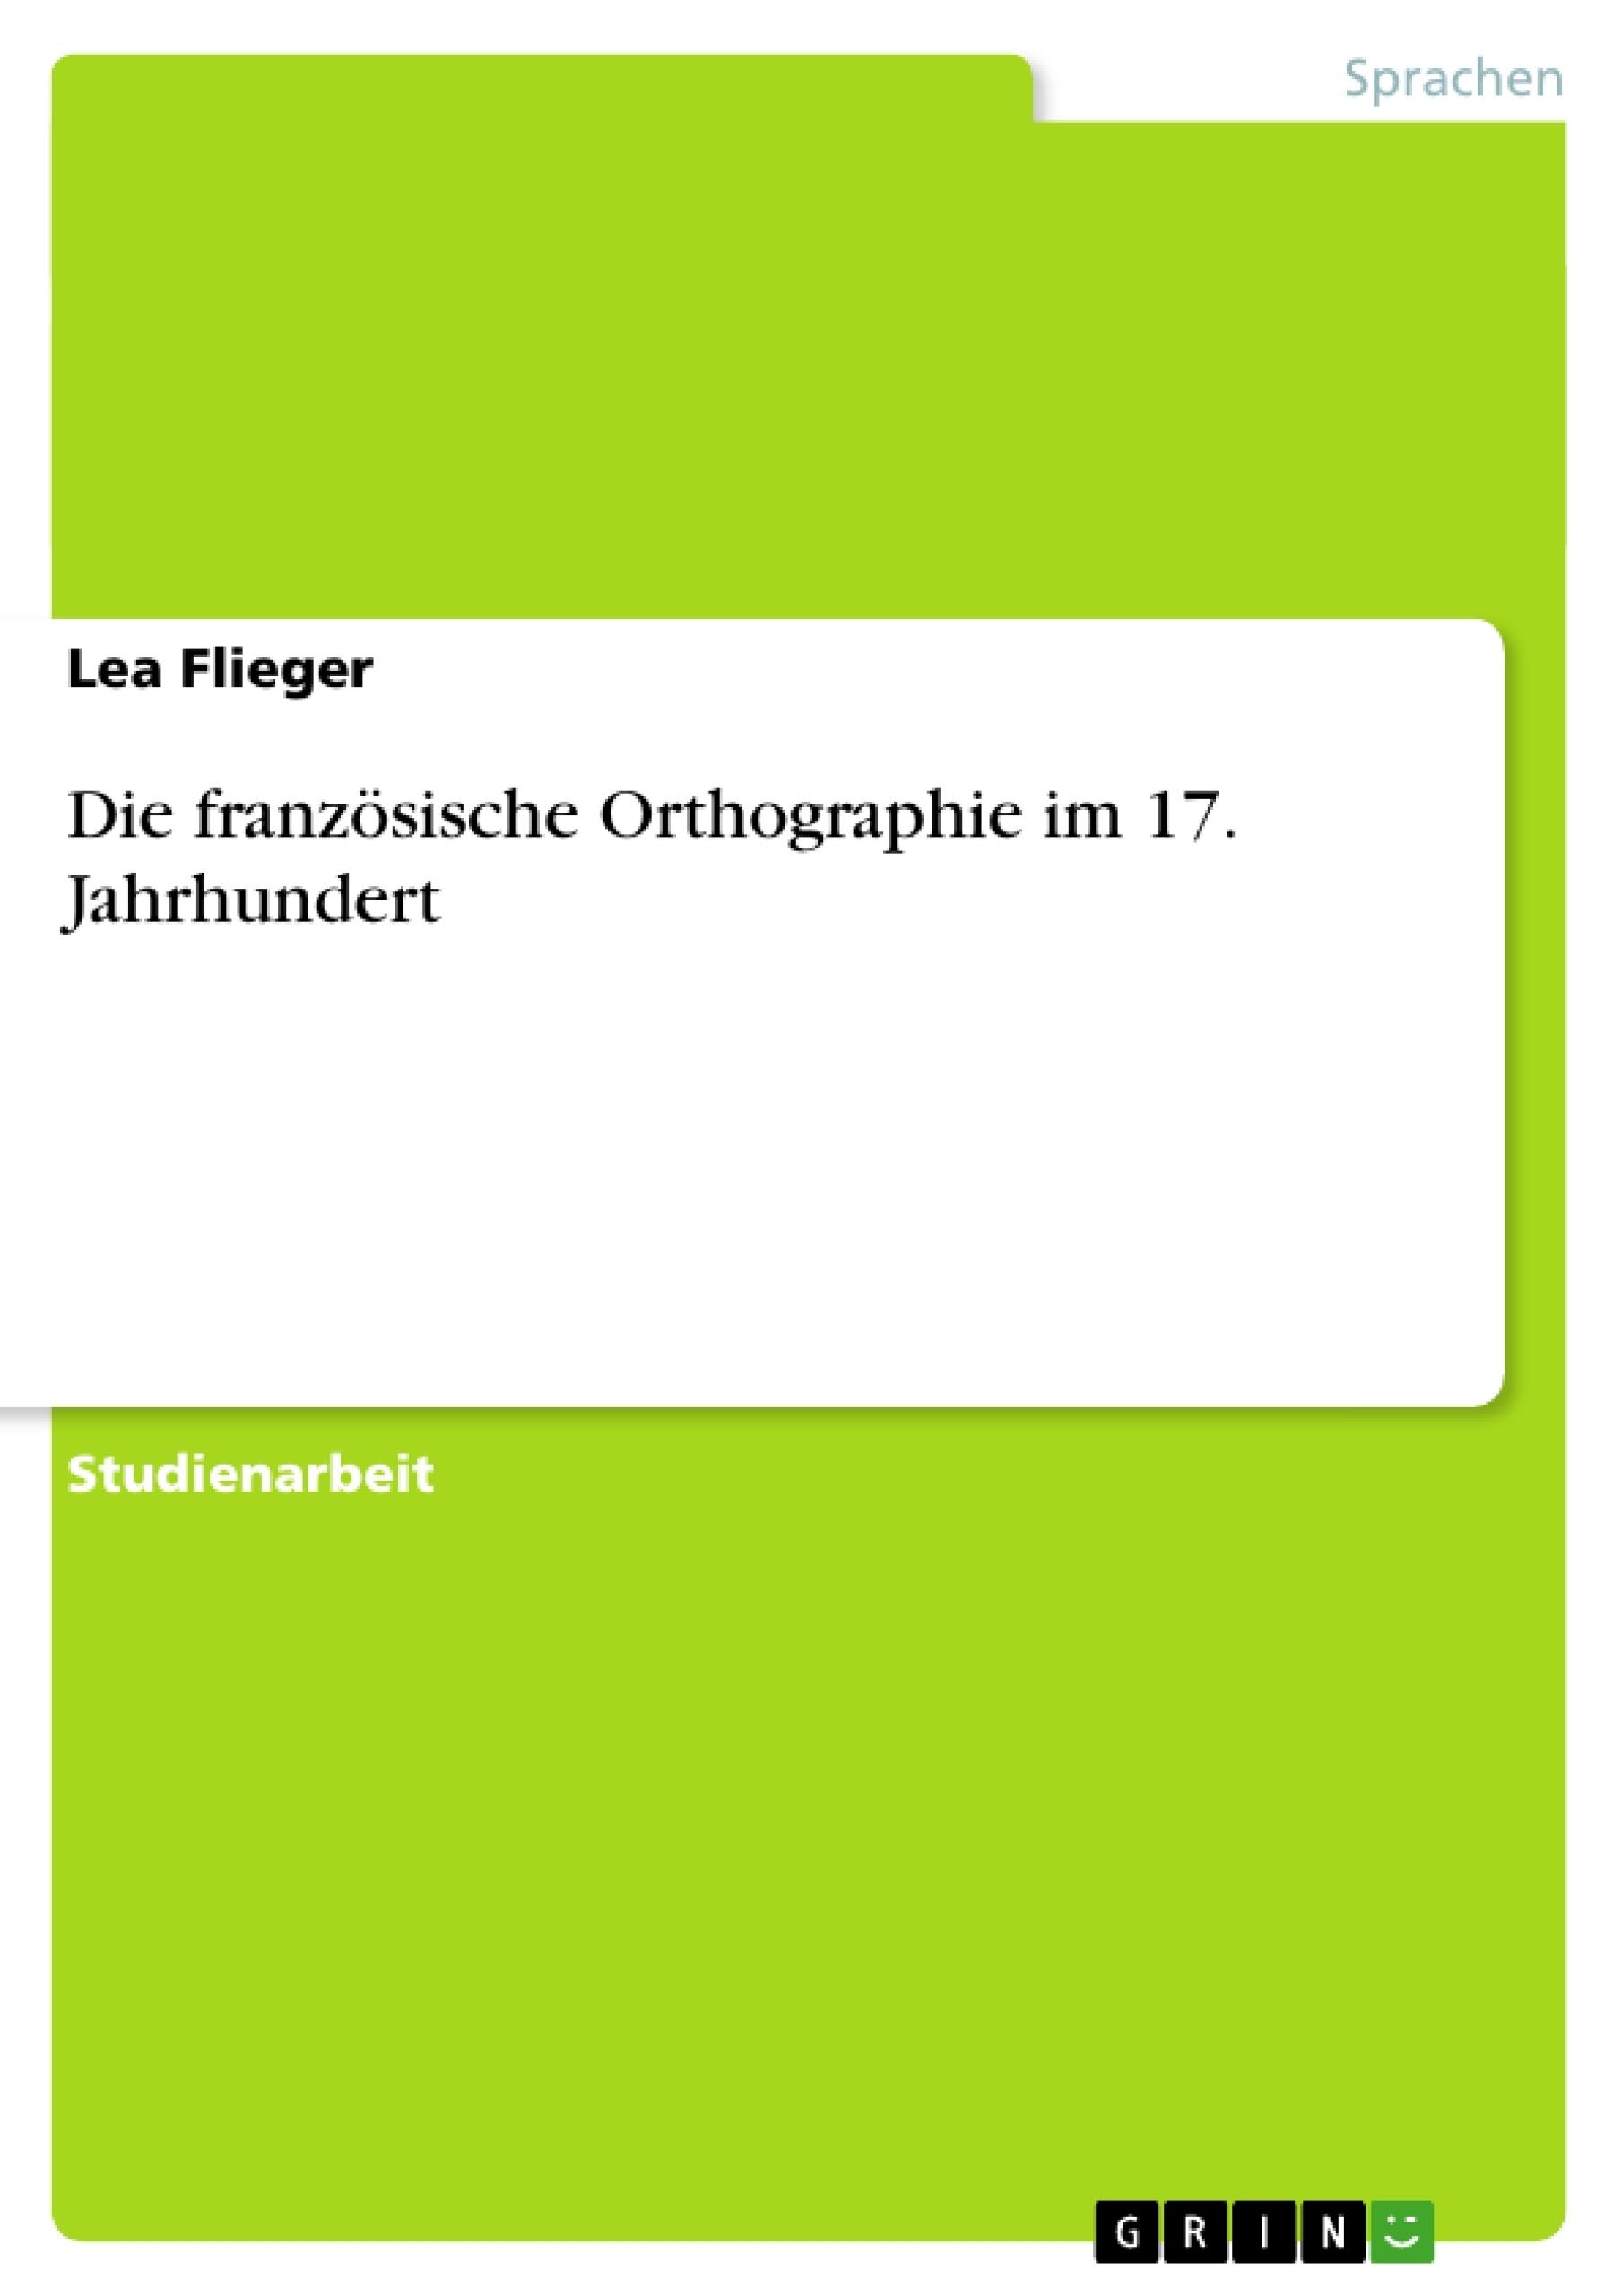 Titel: Die französische Orthographie im 17. Jahrhundert